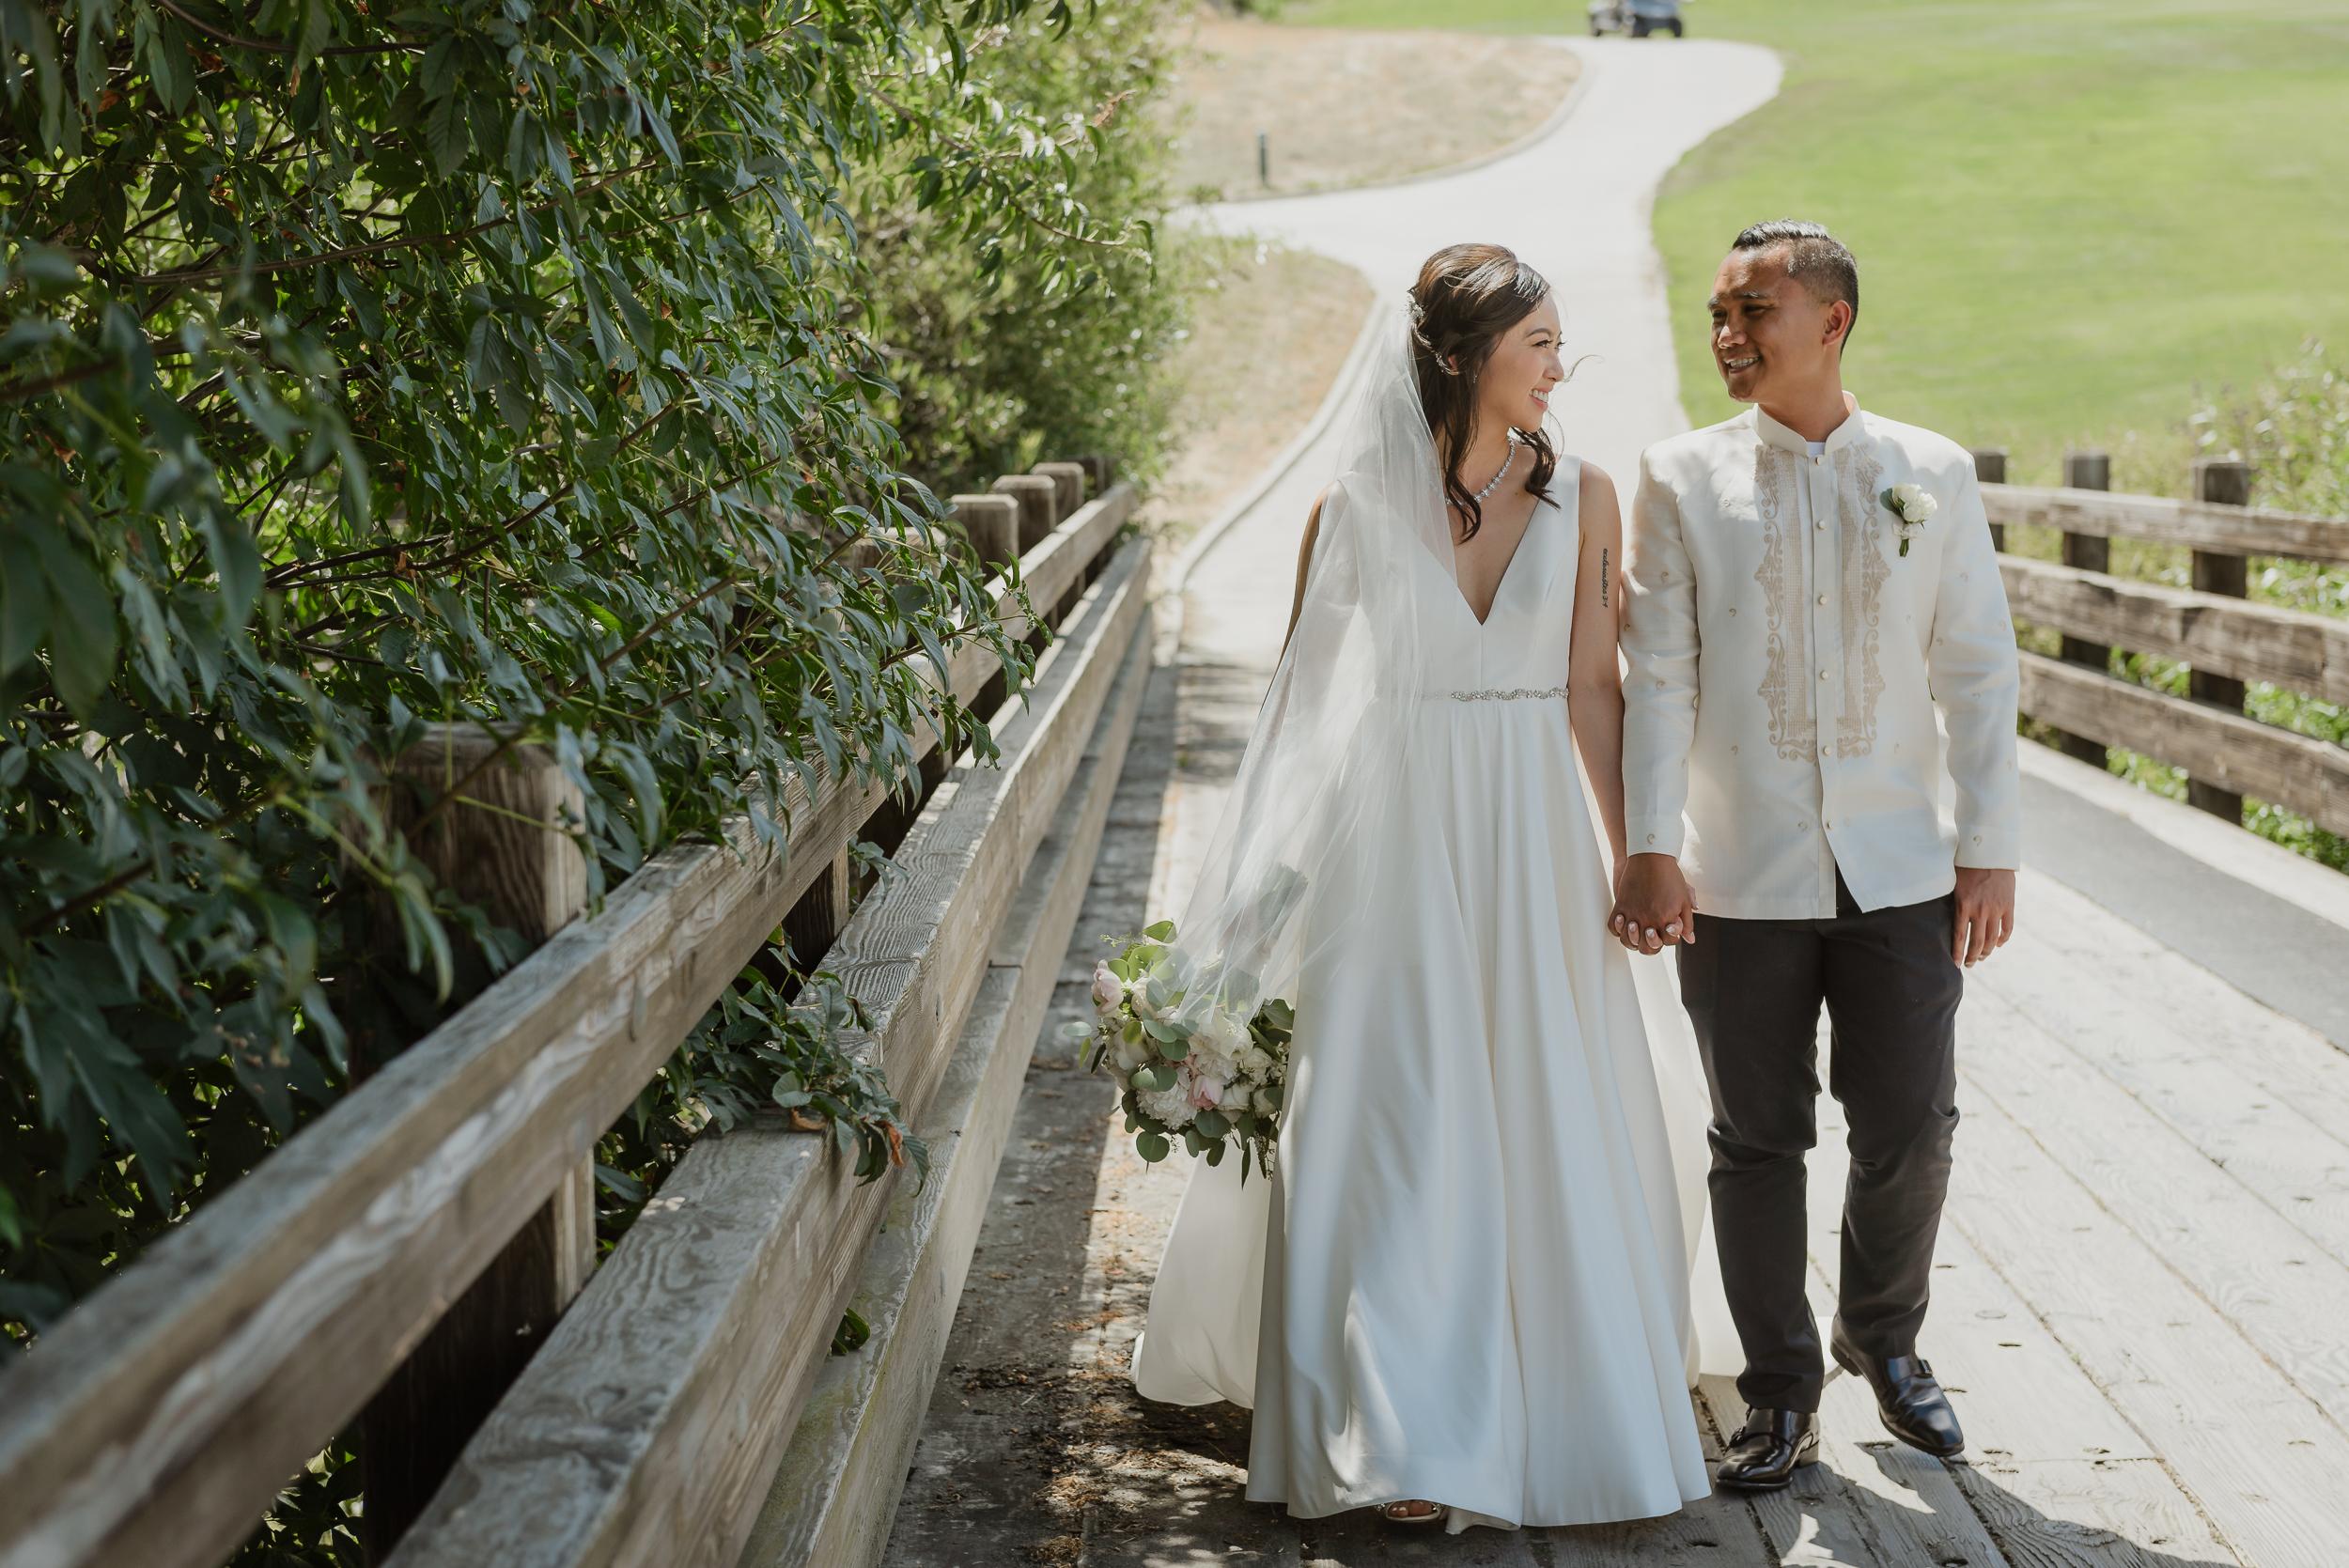 19-bridges-golf-club-wedding-vivianchen-155.jpg